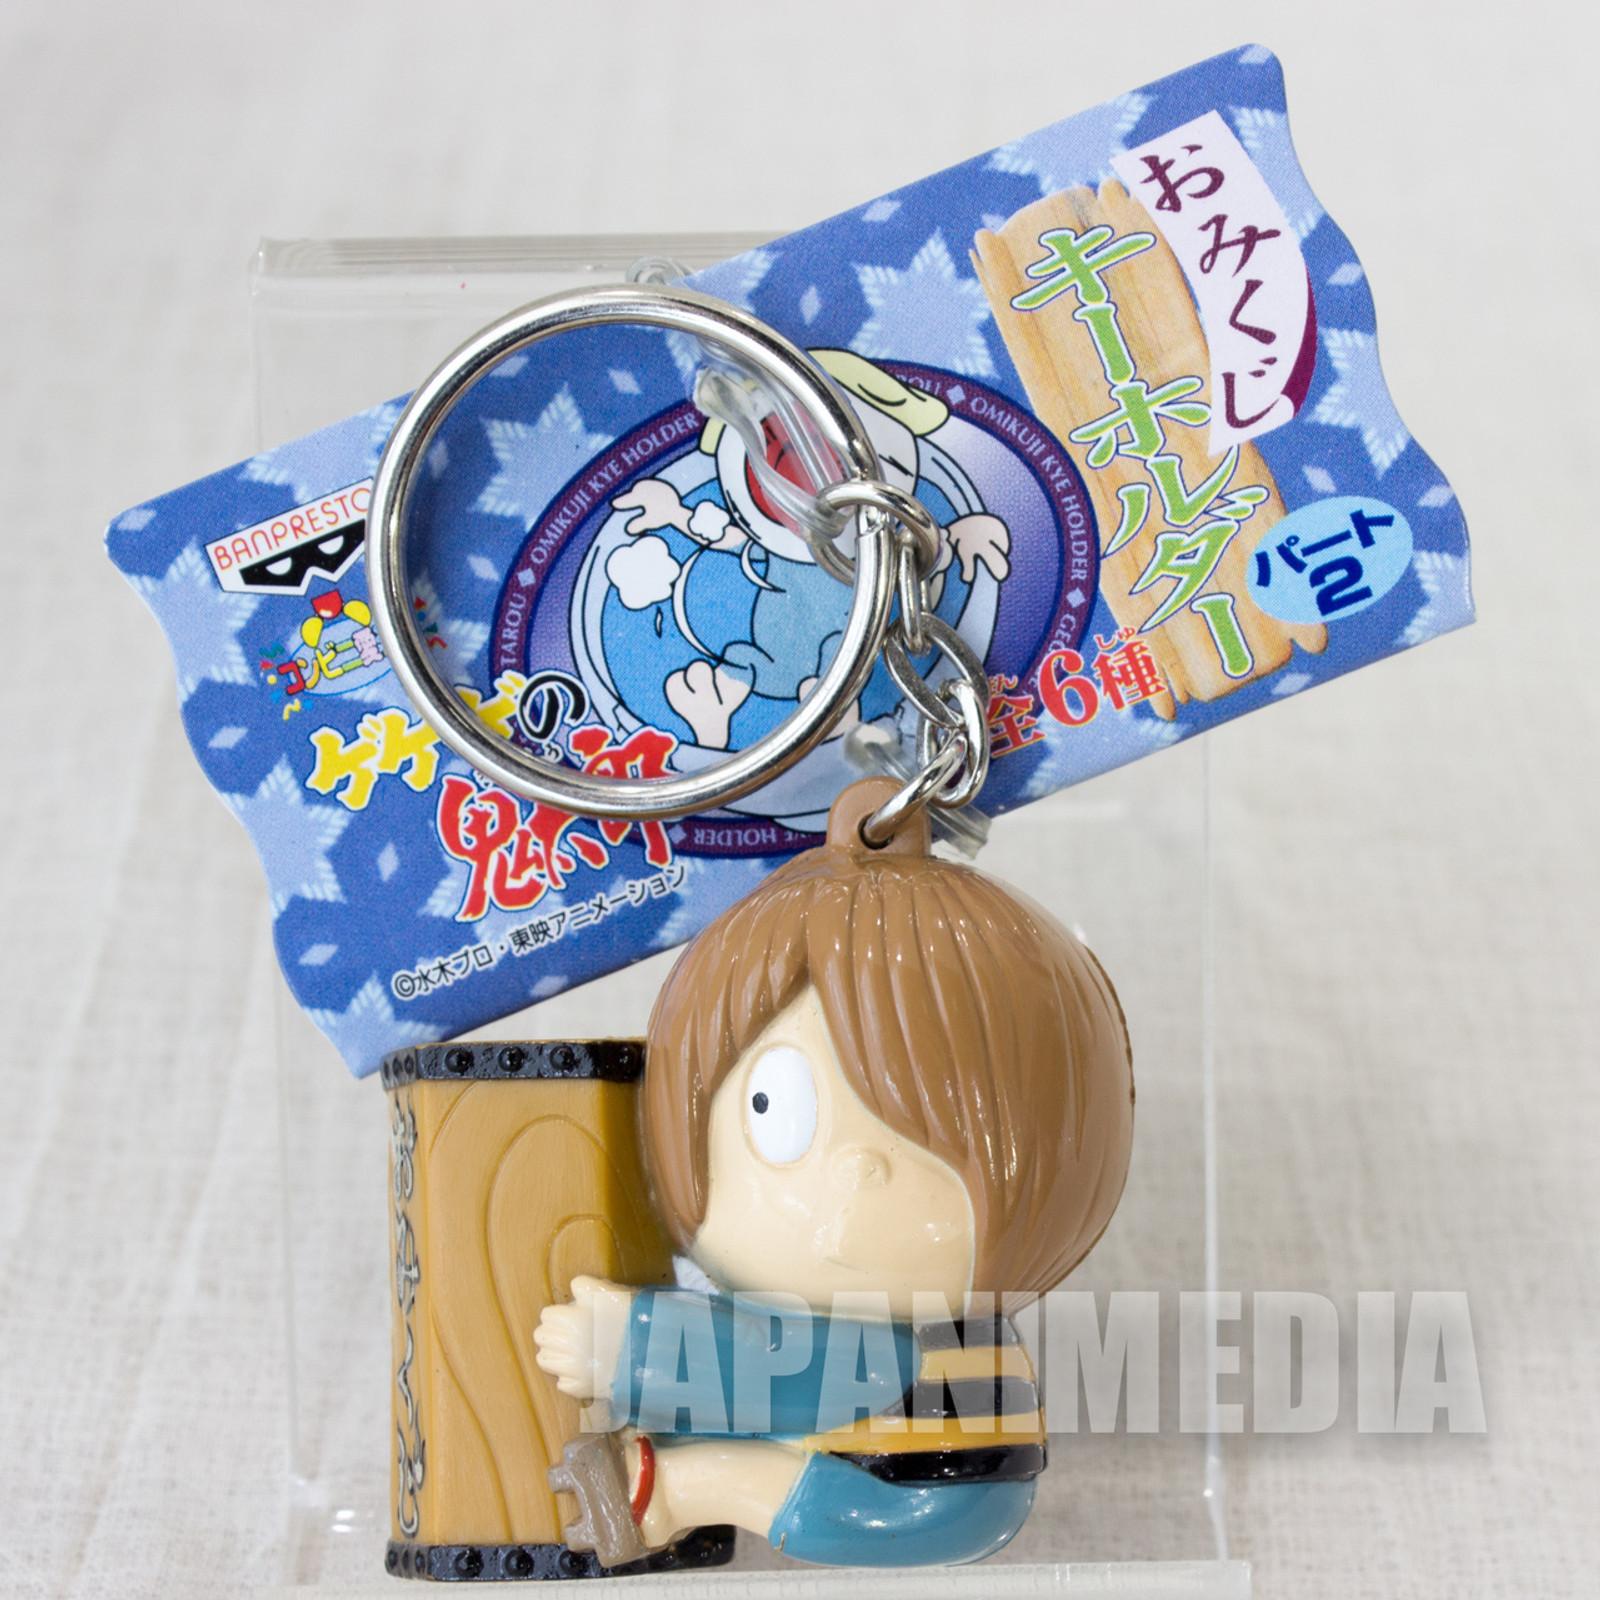 Gegege no Kitaro Omikuji Fortune Slip Figure Keychain JAPAN ANIME MANGA